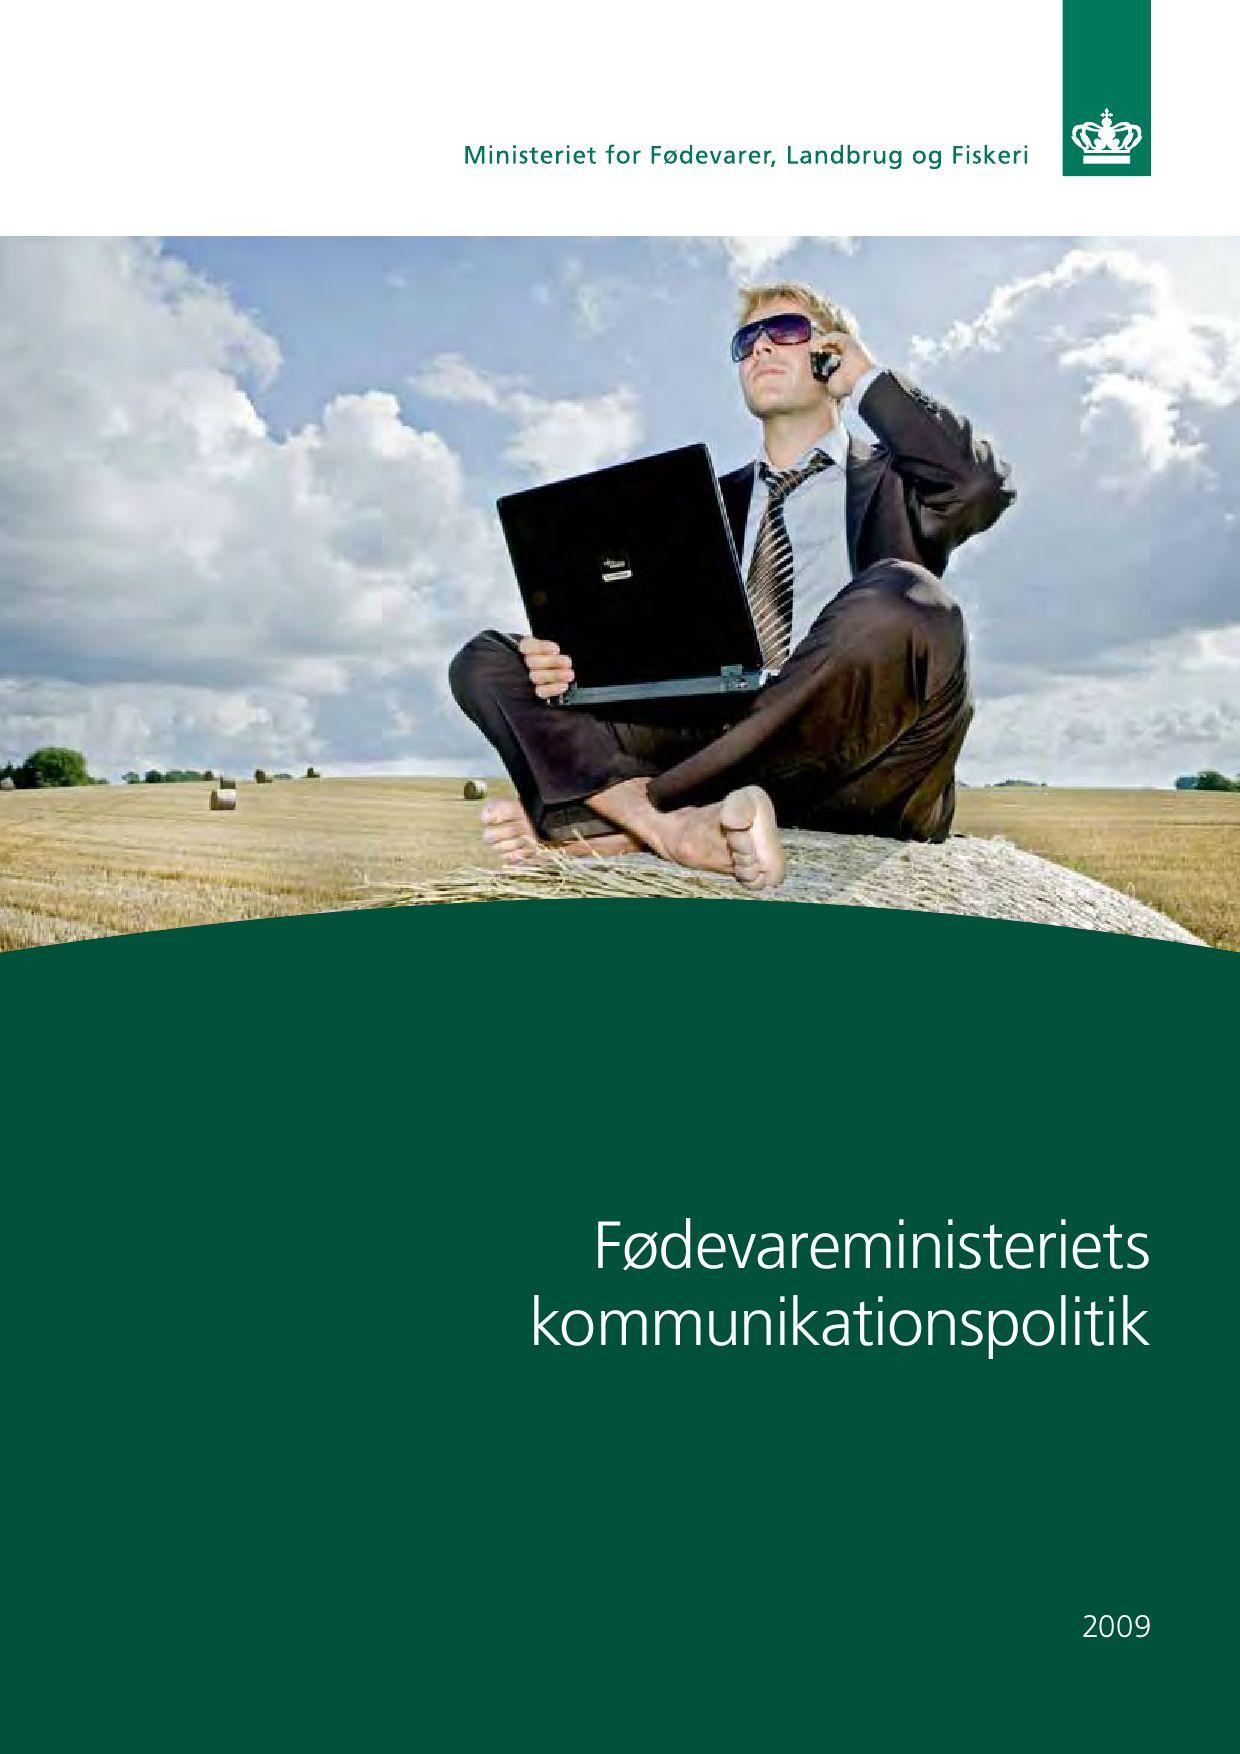 Fødevareministeriets Kommunikationspolitik by Ministeriet for Fødevarer, Landbrug og Fiskeri - issuu